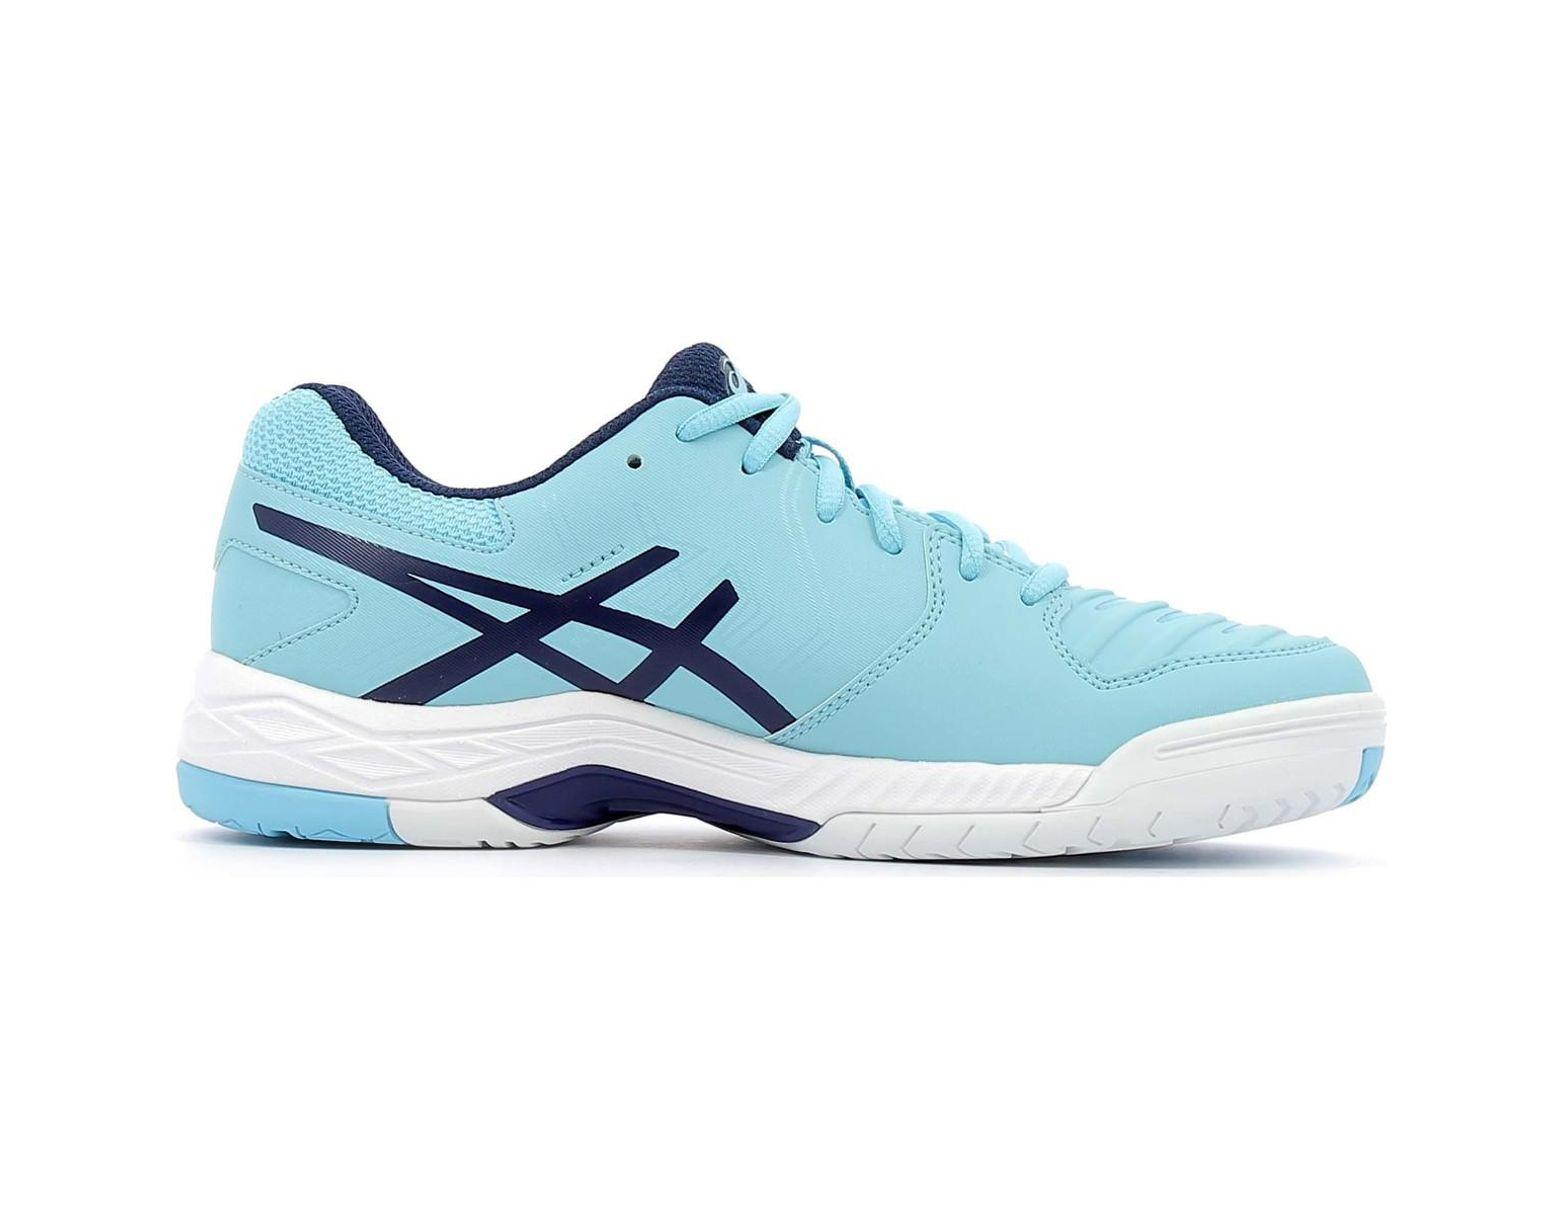 Gel Asics En 6 Game Women Femmes Chaussures Coloris Lyst Bleu 1JTF3l5cuK